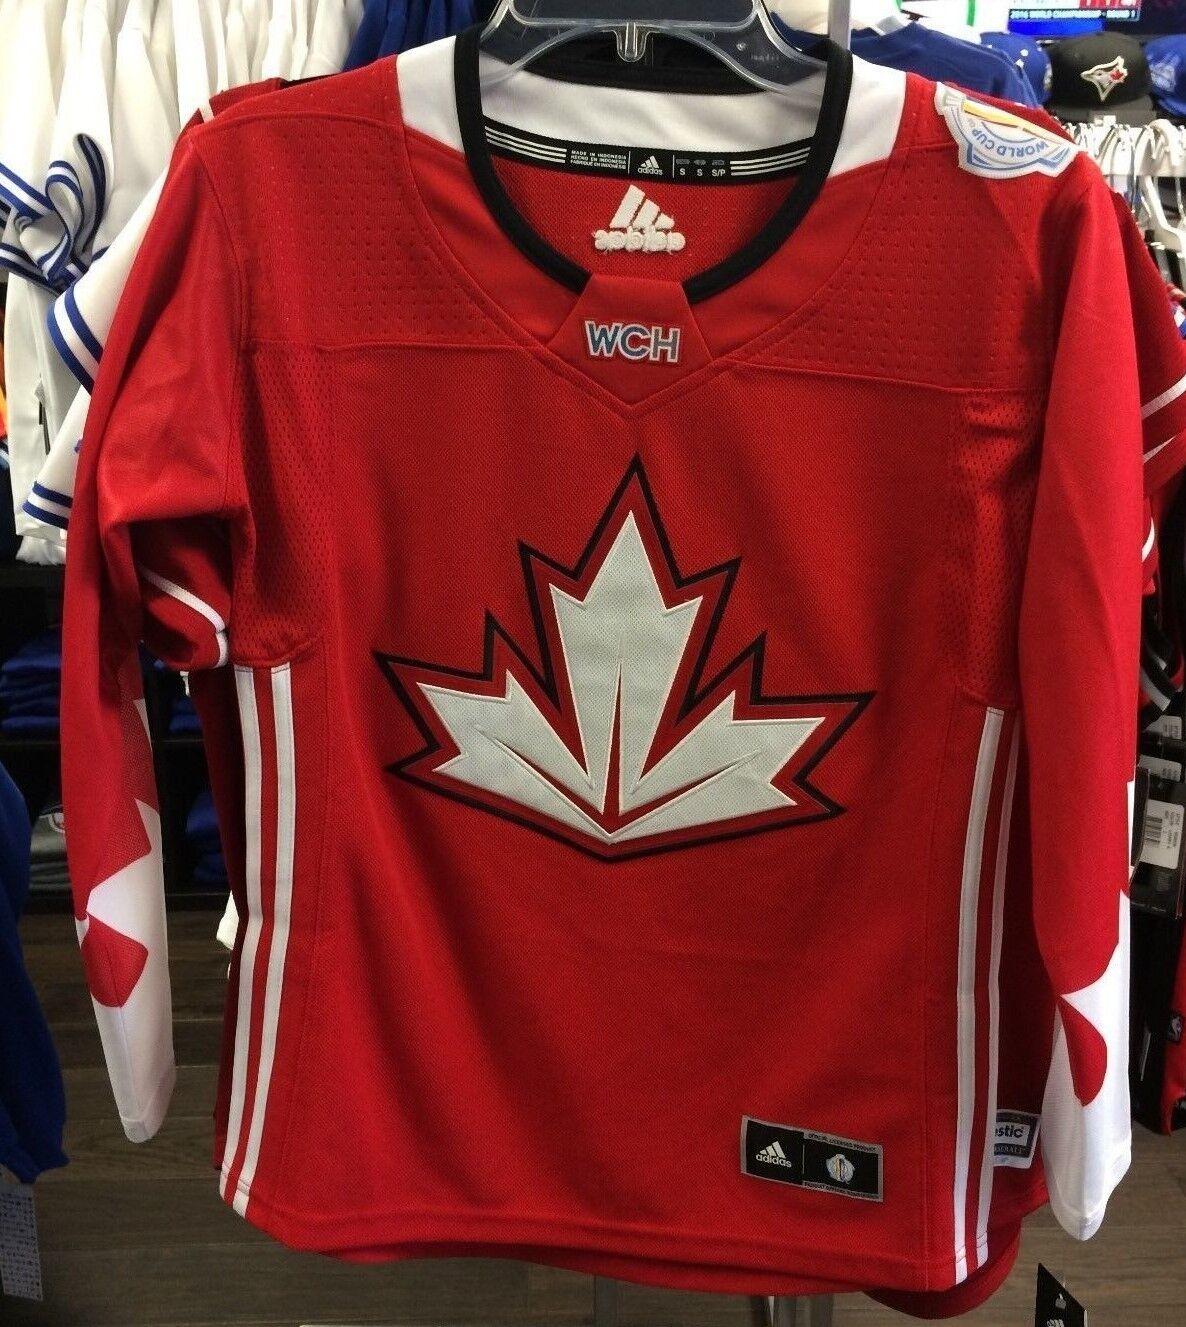 Équipe Canada Adidas de réplique de maillot de la Coupe du monde de hockey 2016 de taille moyenne, dames, femmes